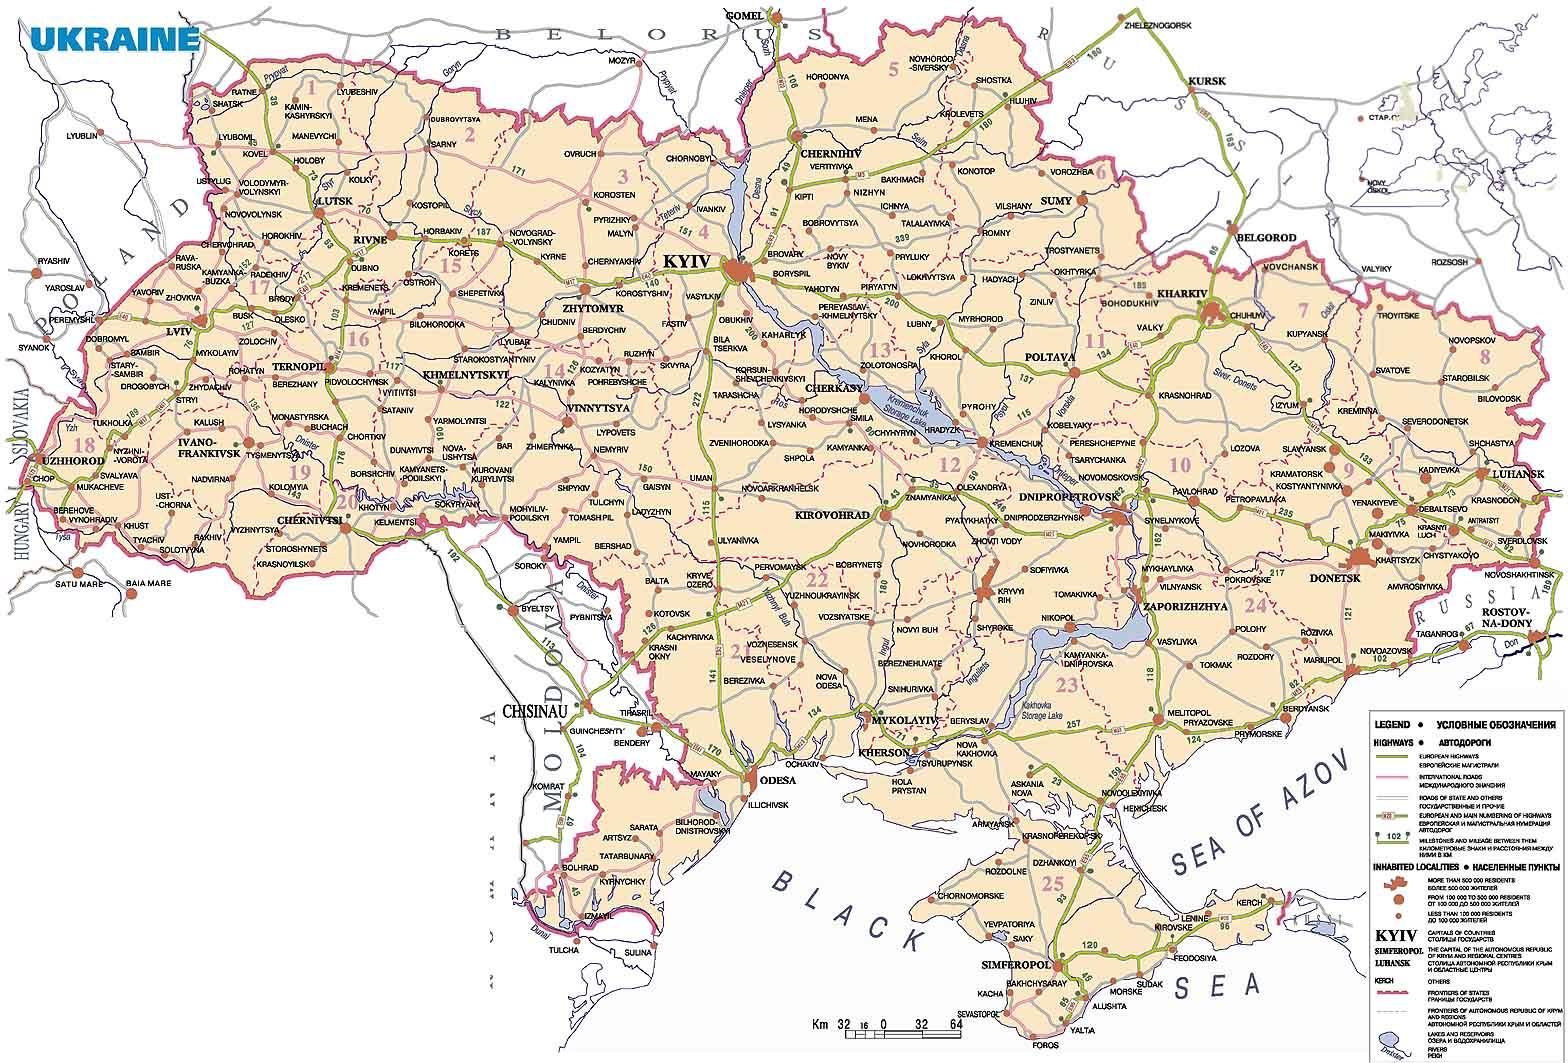 magyarország ukrajna térkép Ukrajna   Ukraine. Állam, ország Európában   ukrán, ukrajnai magyarország ukrajna térkép